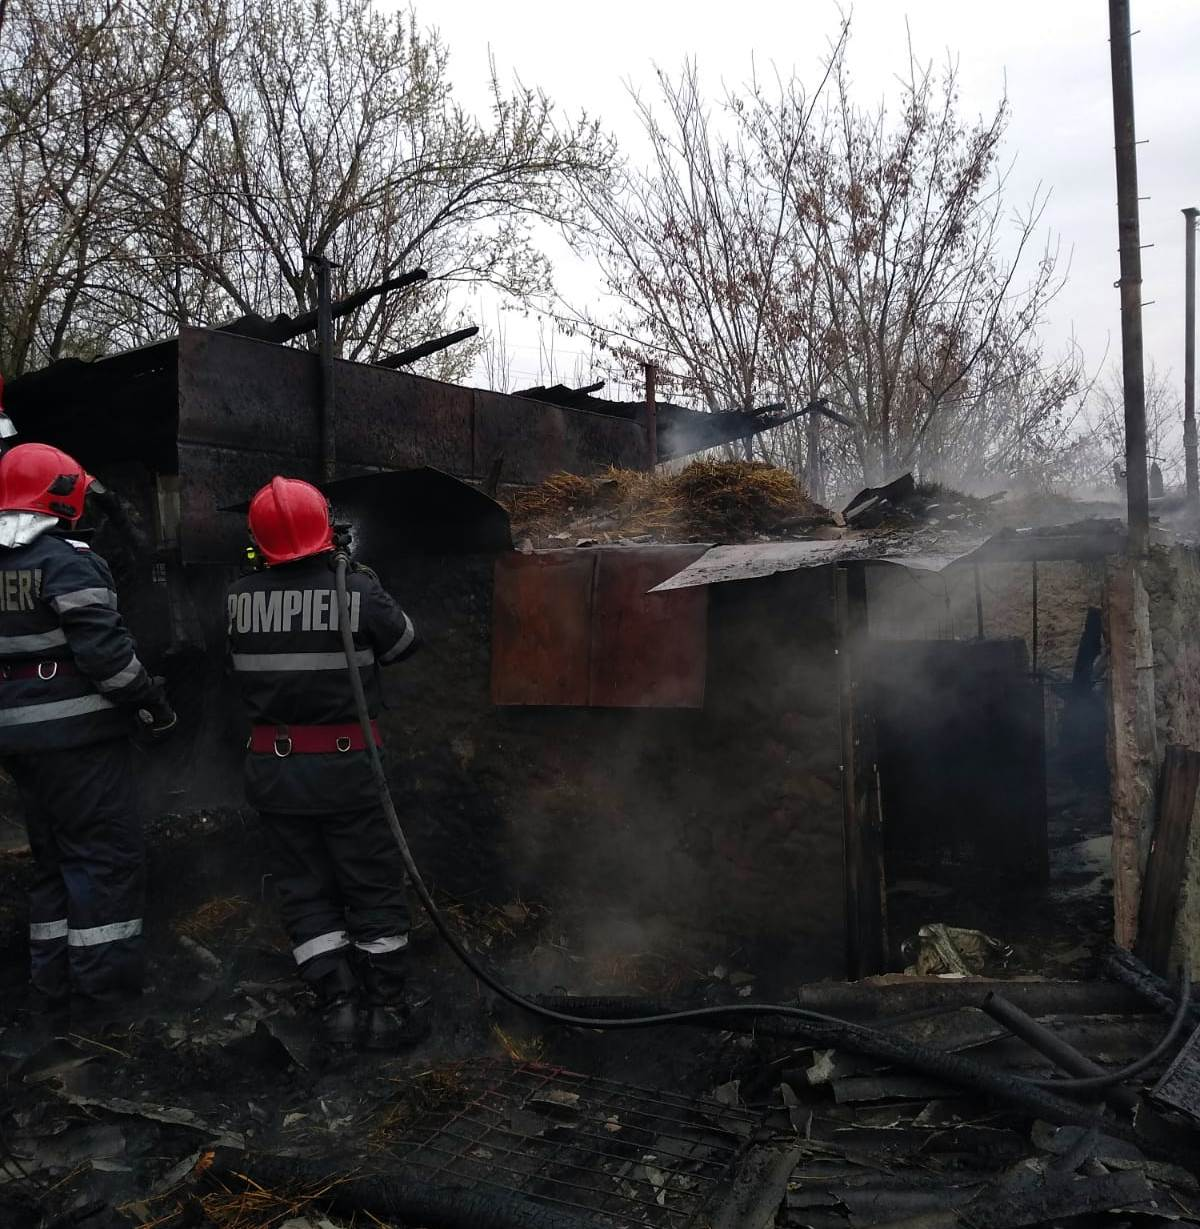 Gospodărie cuprinsă de flăcări, la Trivale Moșteni. Un scurtcircuit la rețeaua electrică, cauza probabilă a incendiului